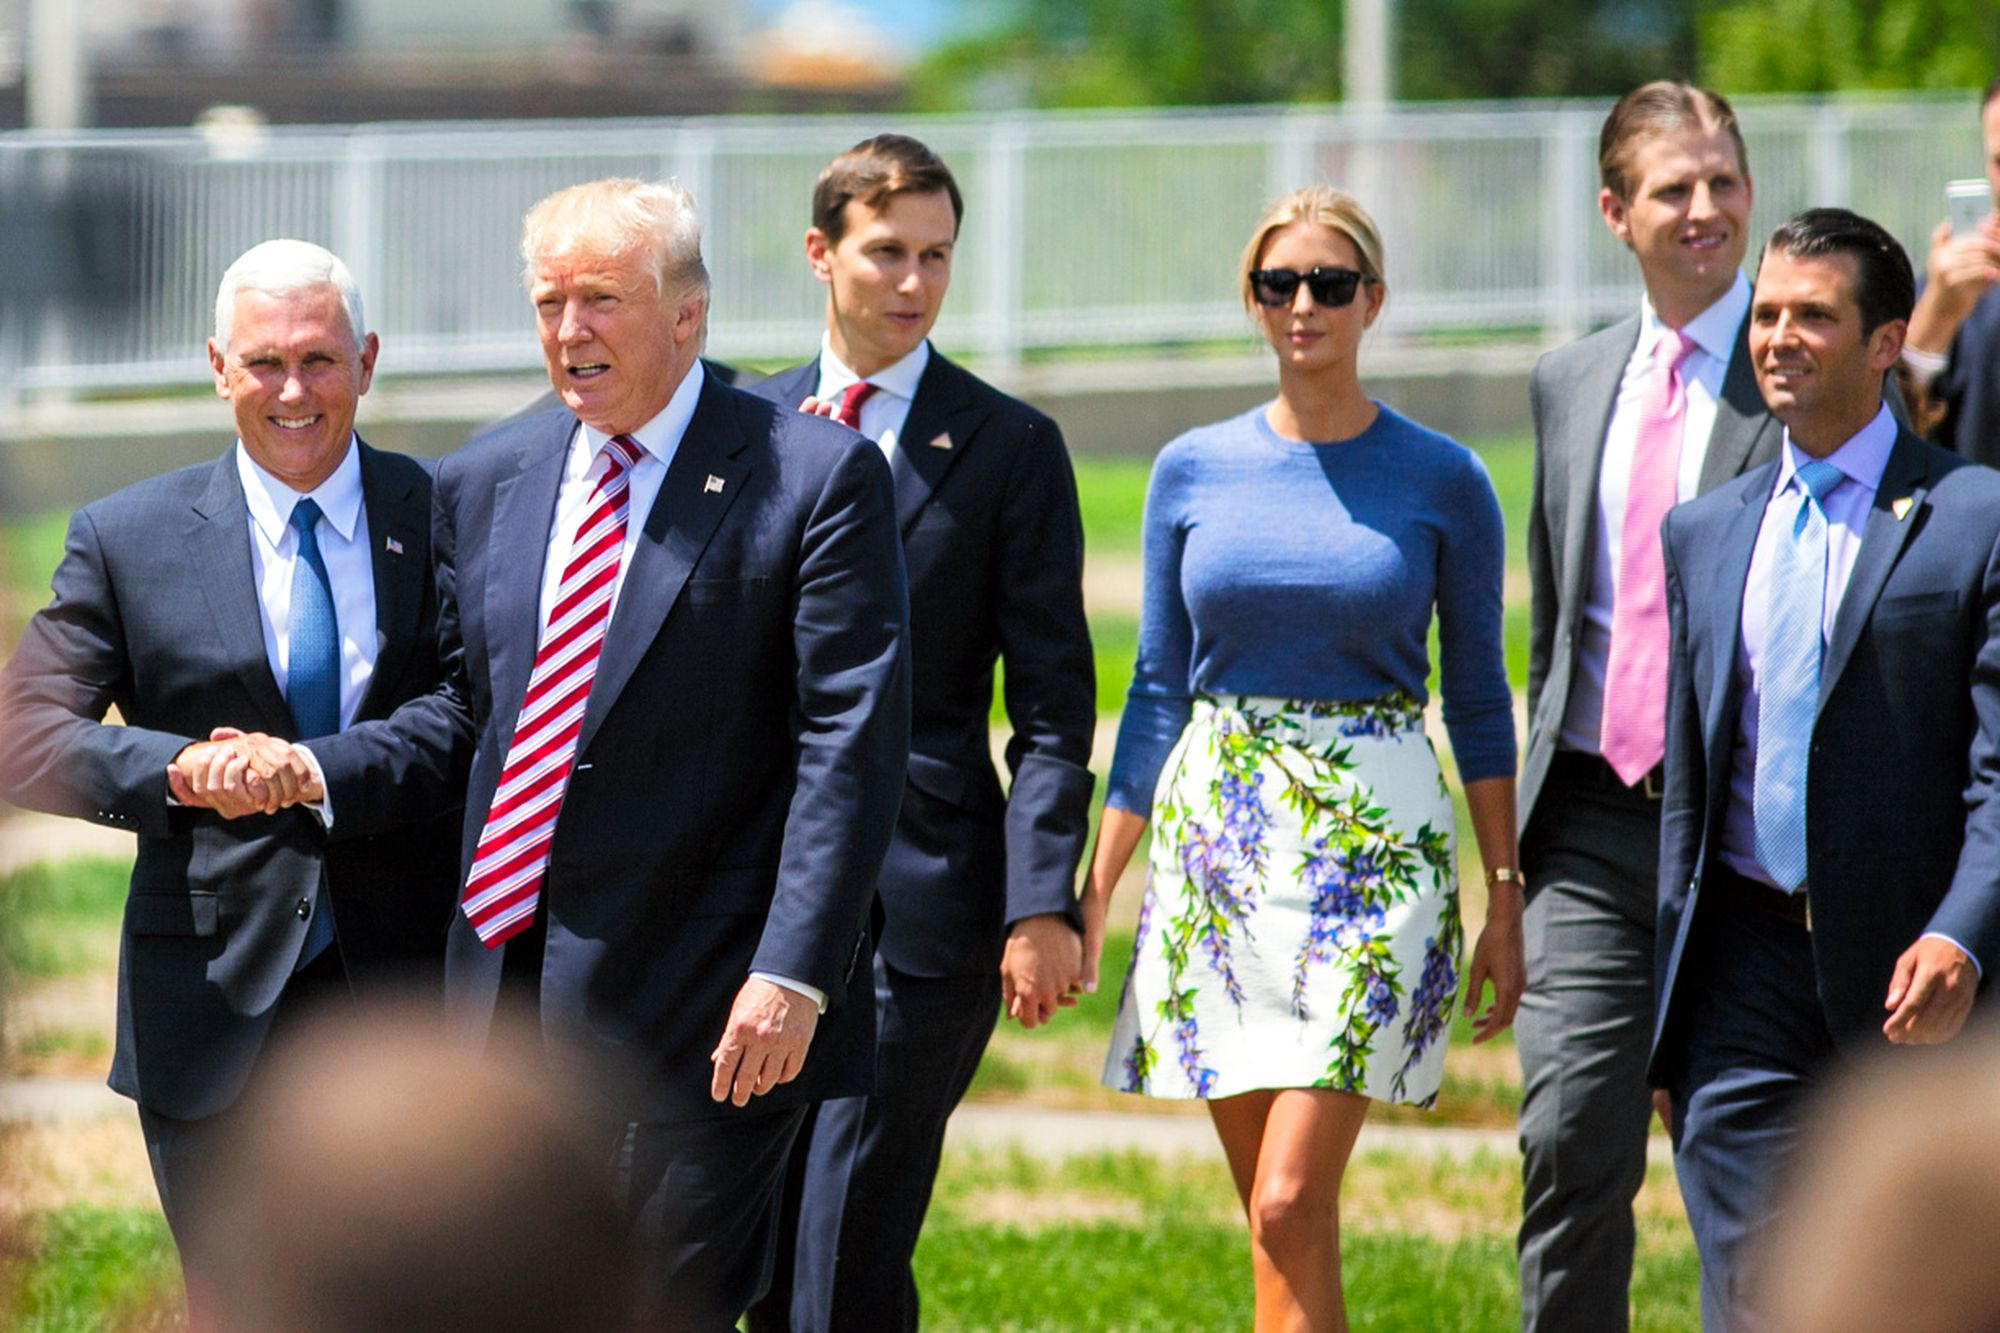 【トランプ・ファミリー】トランプ氏と握手するペンス副大統領(左)。そのすぐ後ろには、娘のイバンカ氏と手をつなぐ夫クシュナー氏が続く。今では、これからの米国政治の行方のカギを握る人物たちだ=7月20日、オハイオ州、ランハム裕子撮影